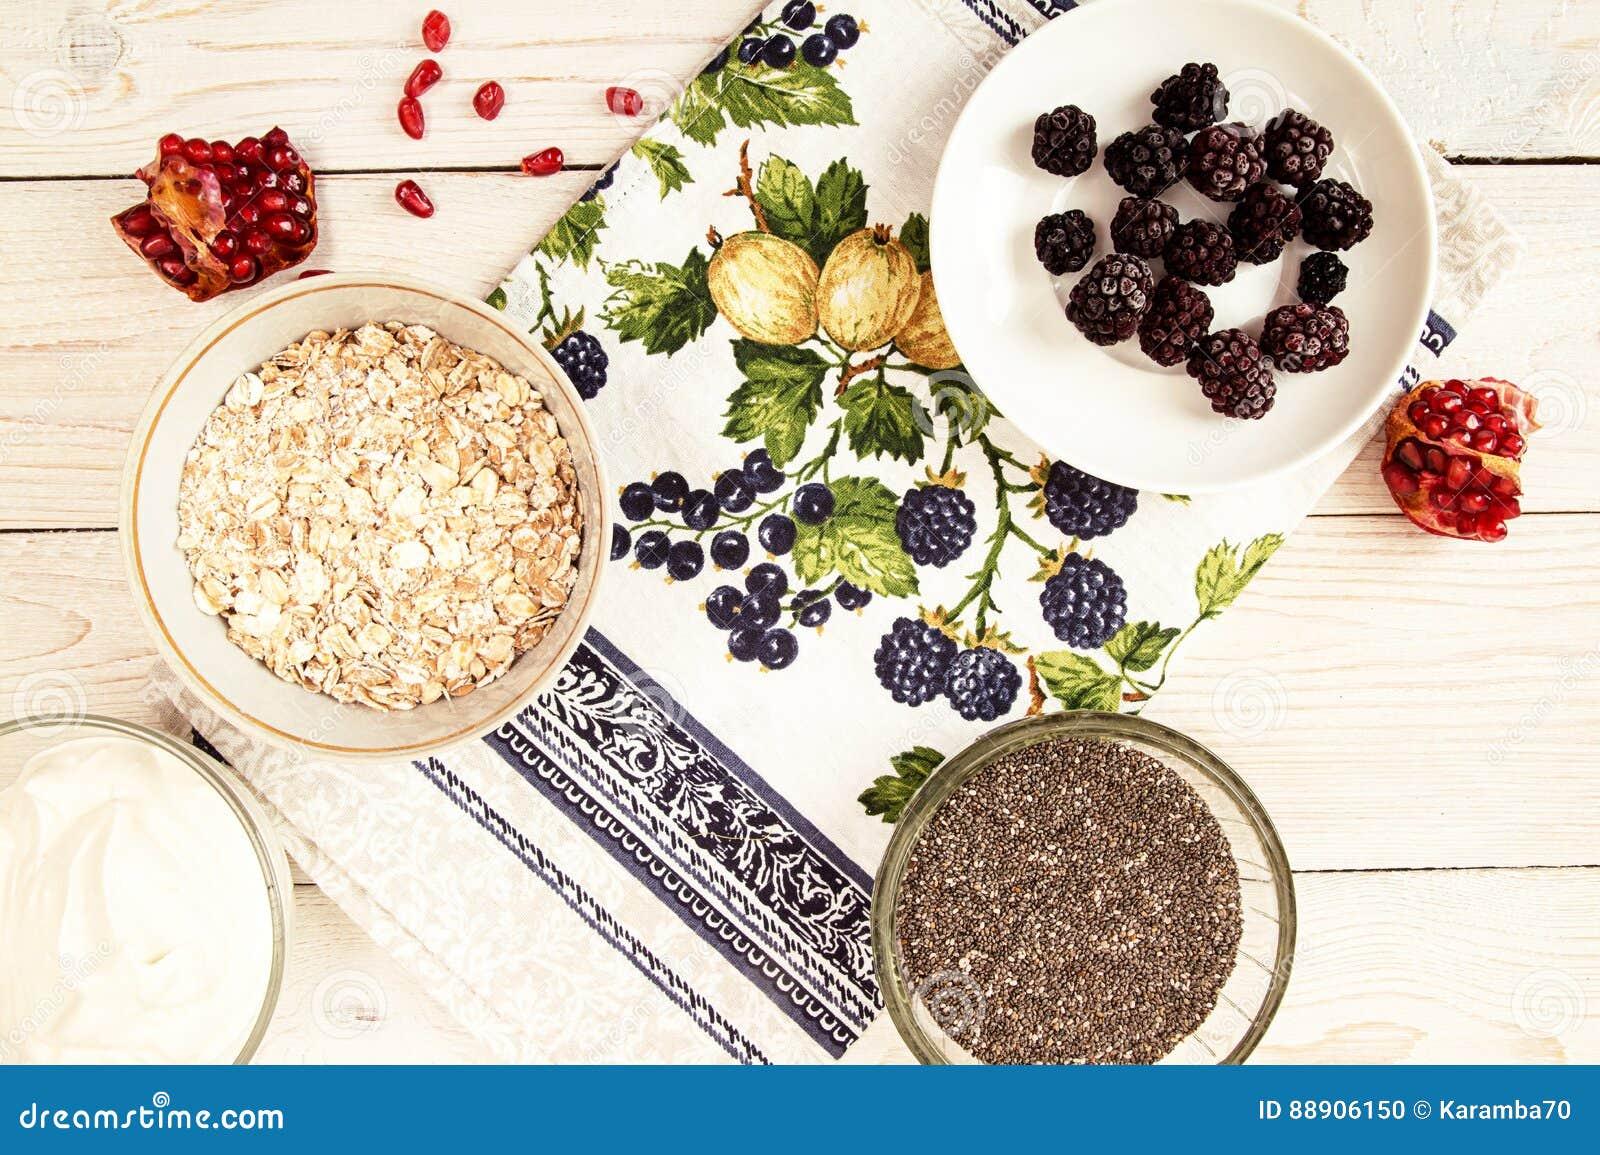 Ingrediente para preparar el desayuno sano: chia, muesli, congelado